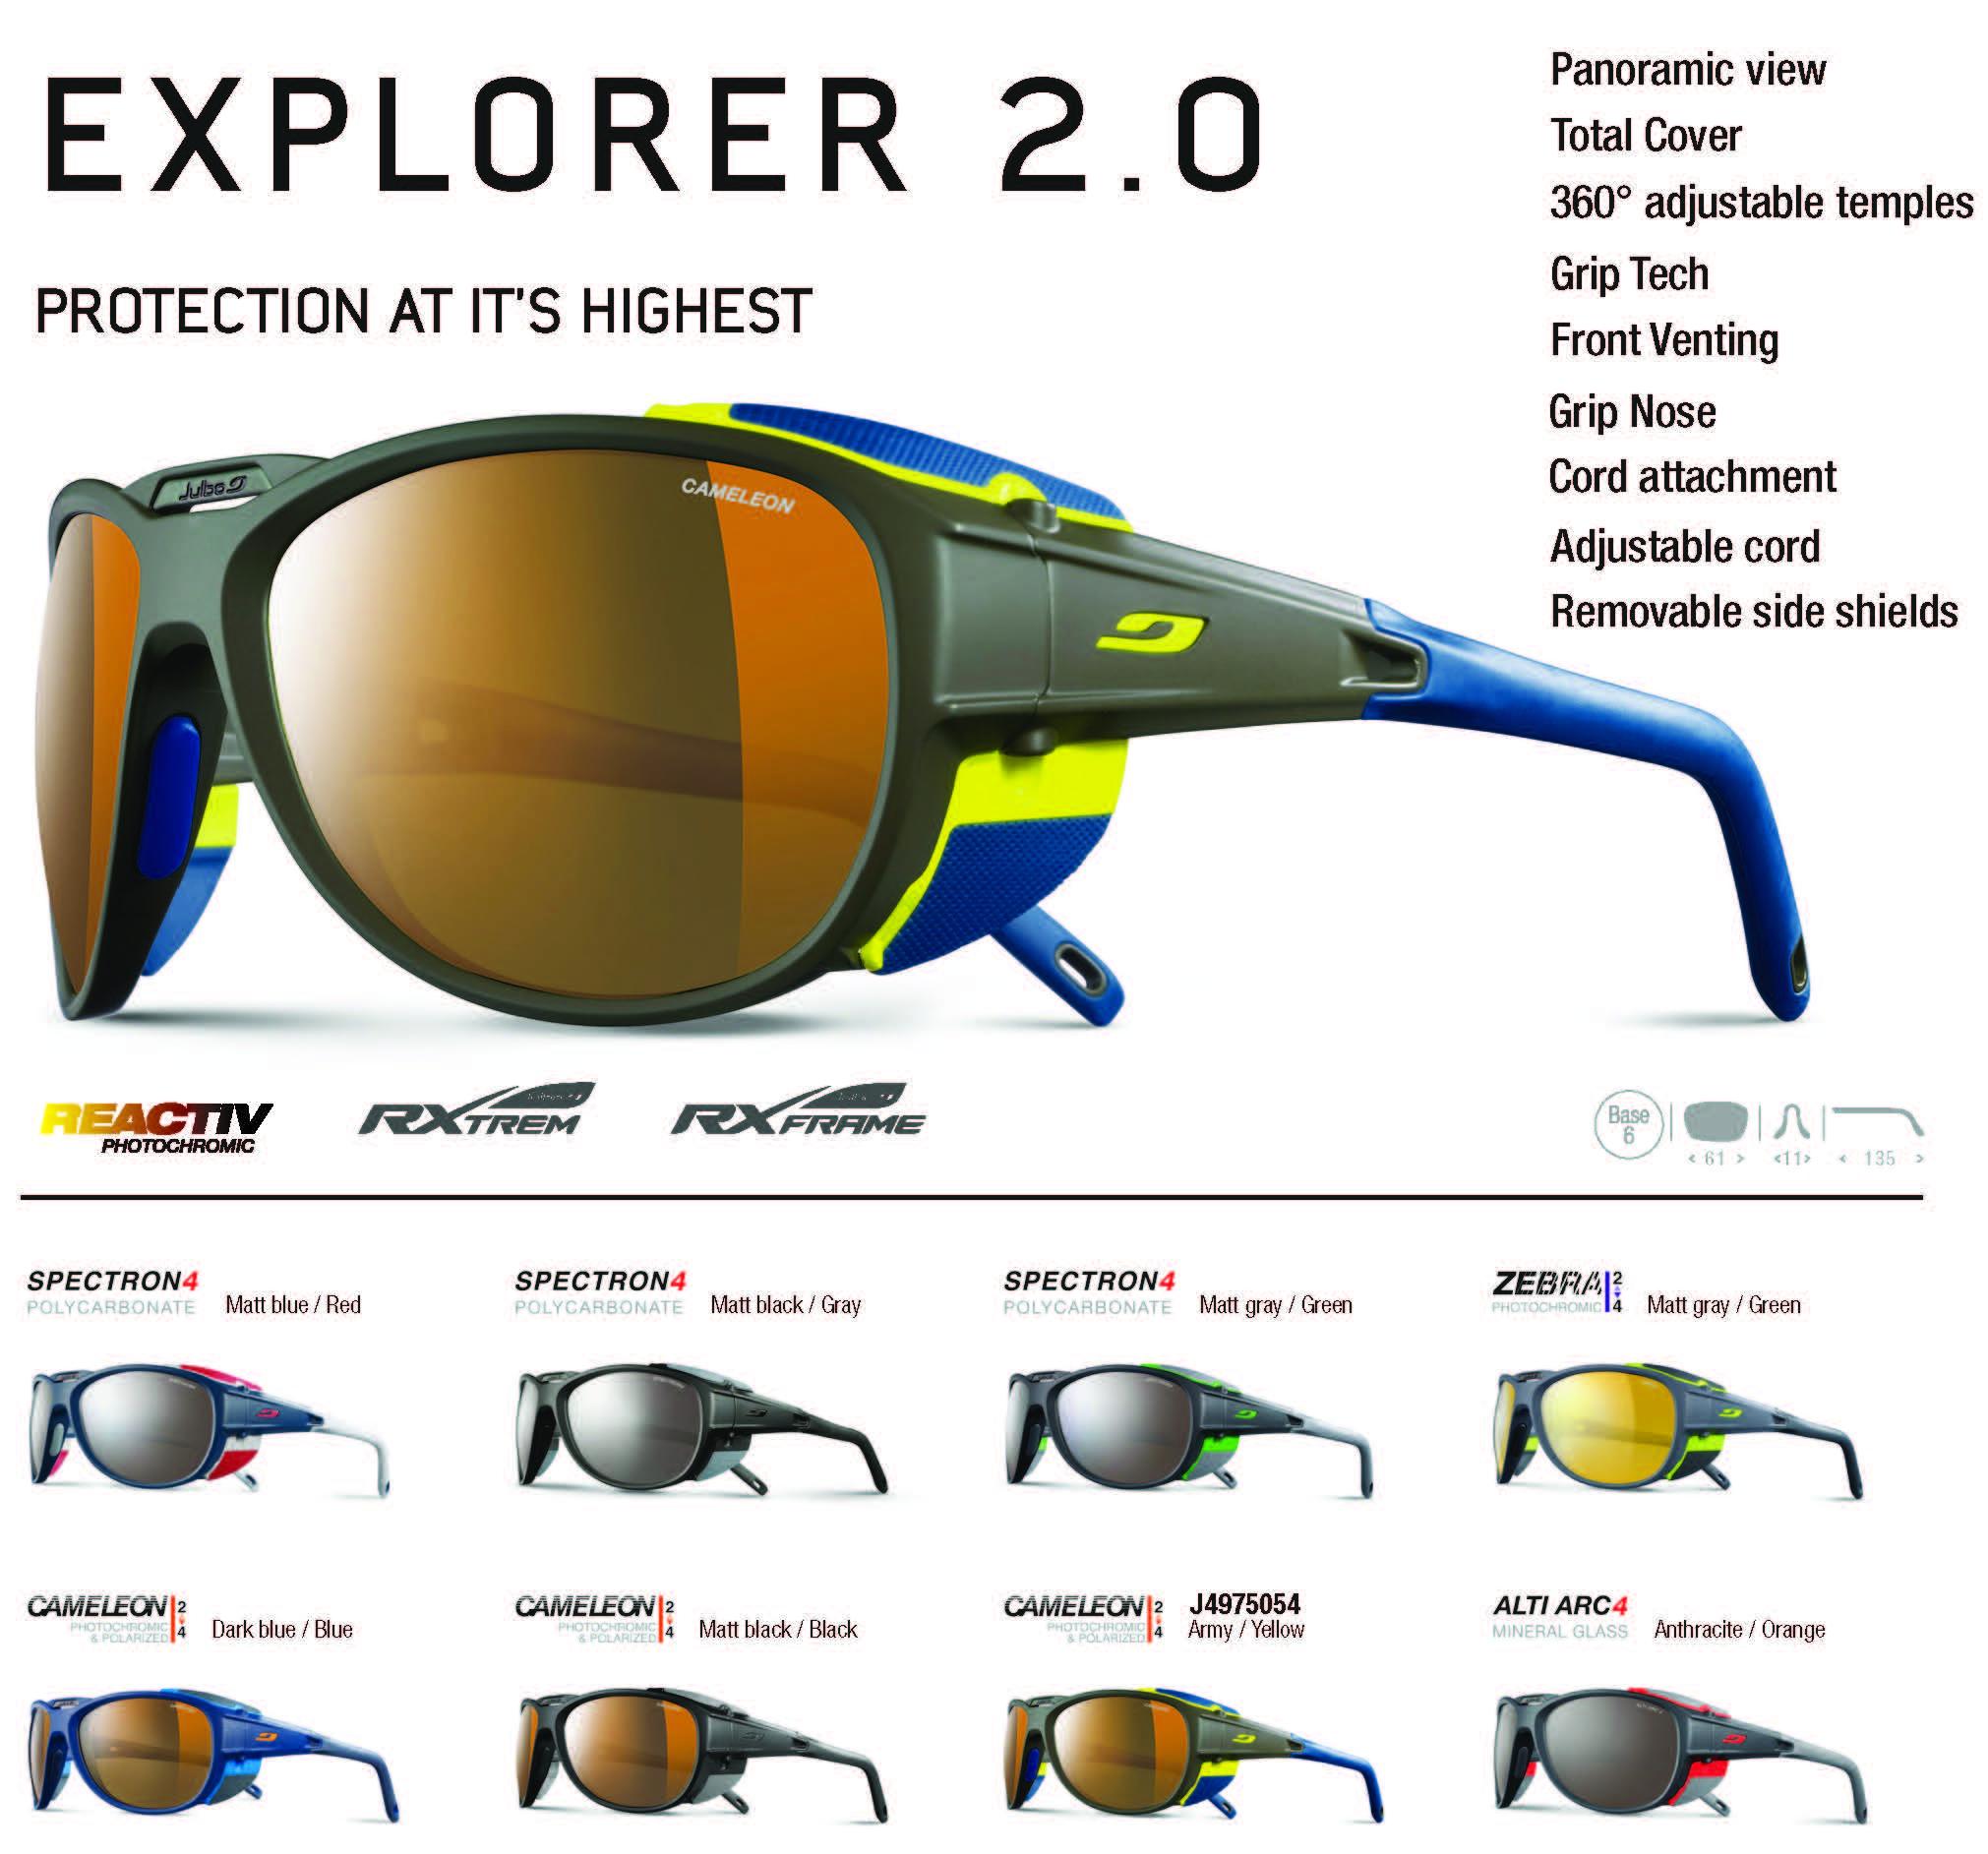 7620e3fc5d7 Julbo Explorer 2.0 Glacier Sunglasses Julbo Explorer 2.0 Glacier Sunglasses